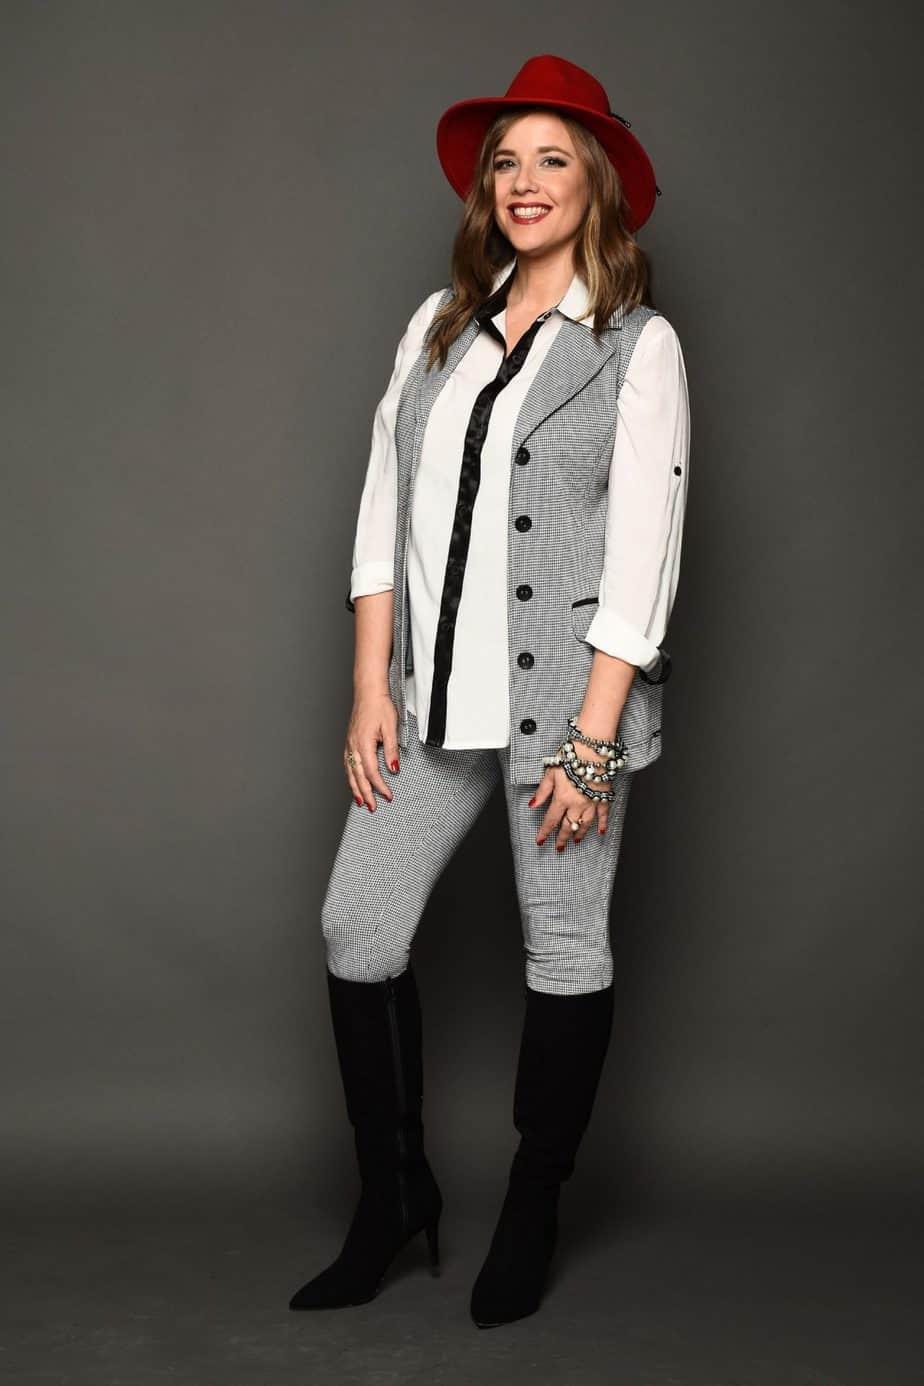 פאולה רוזנברג, רעומה ווסט מישבצת חולצה אתנית מכנסיים מחטב משבצת, צילום צחי וזאנה